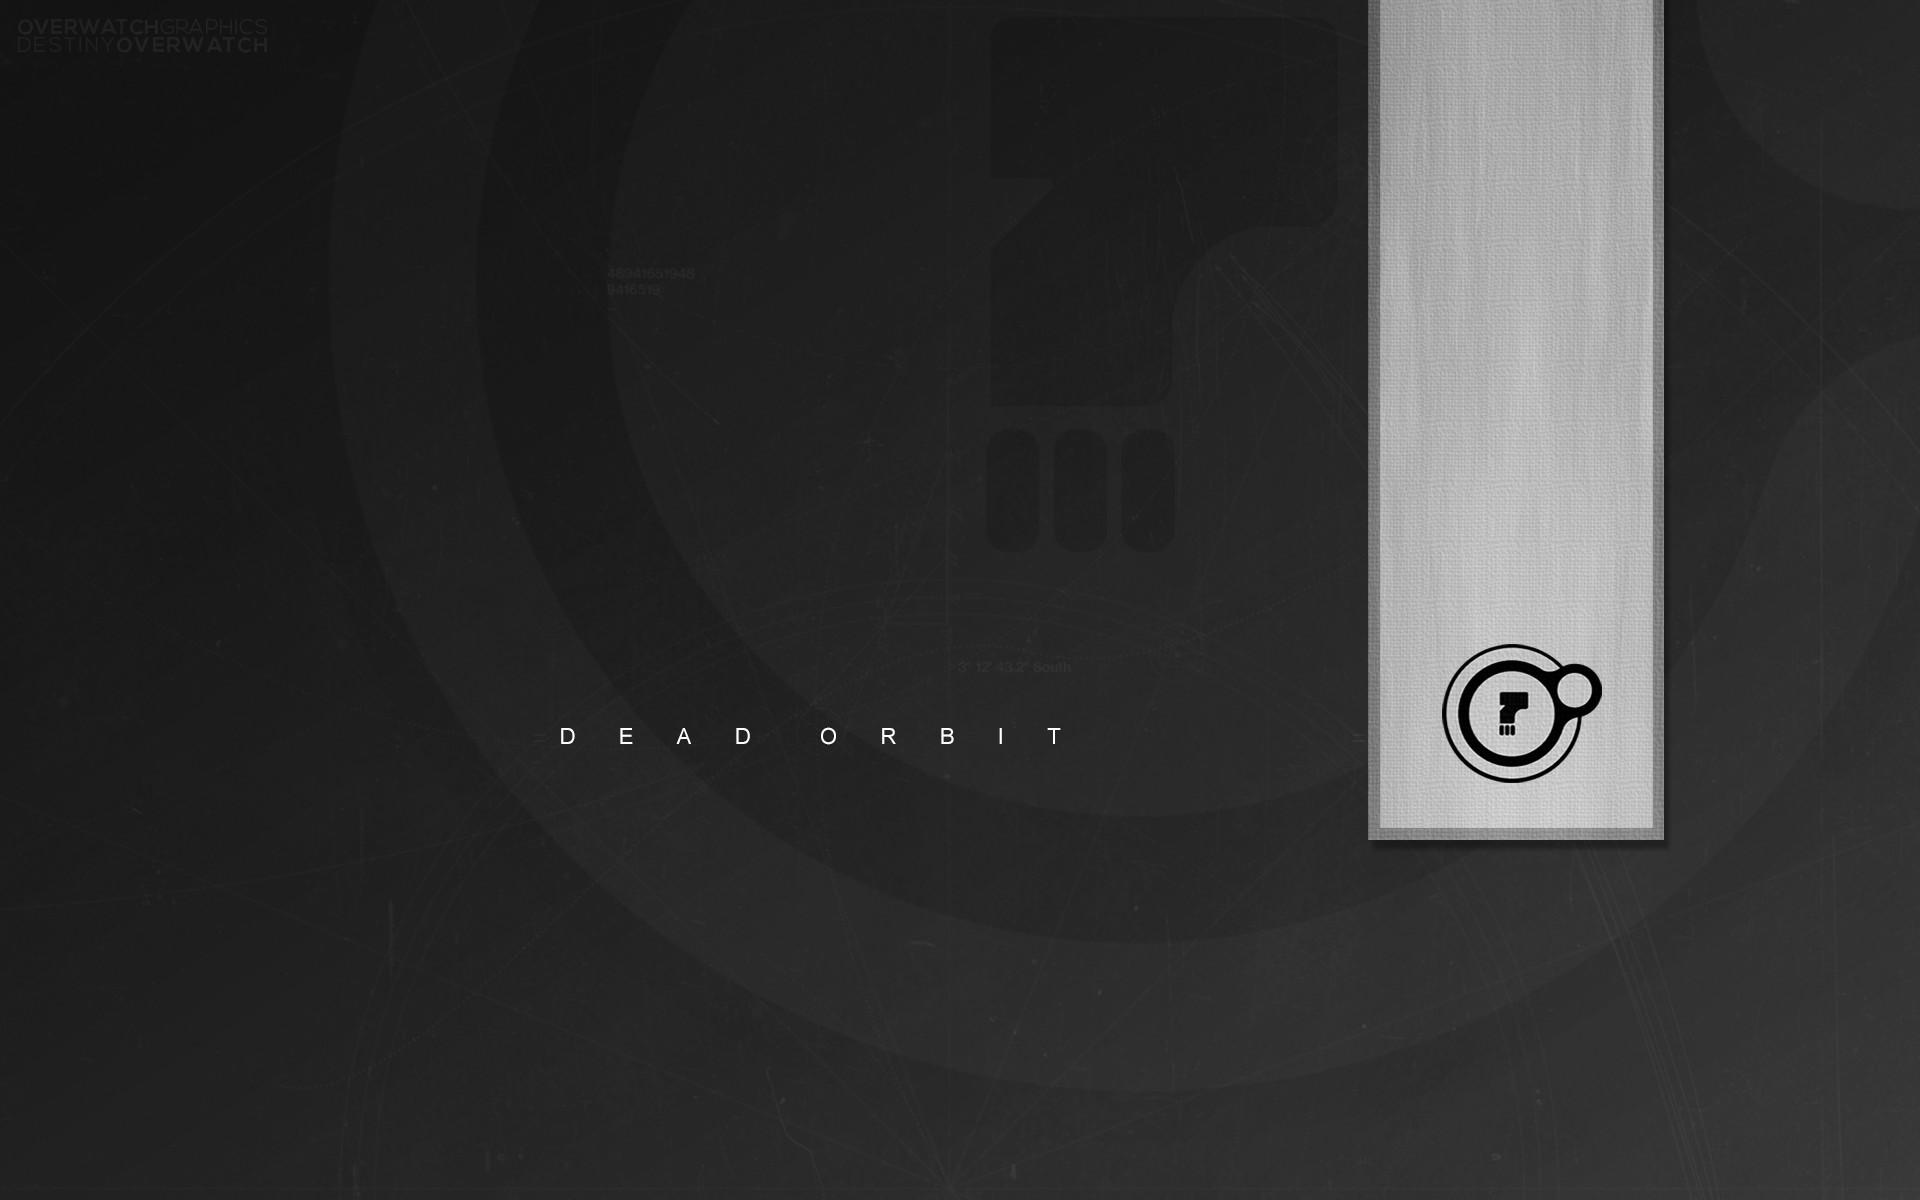 … OverwatchGraphics Destiny – Dead Orbit Wallpaper by OverwatchGraphics